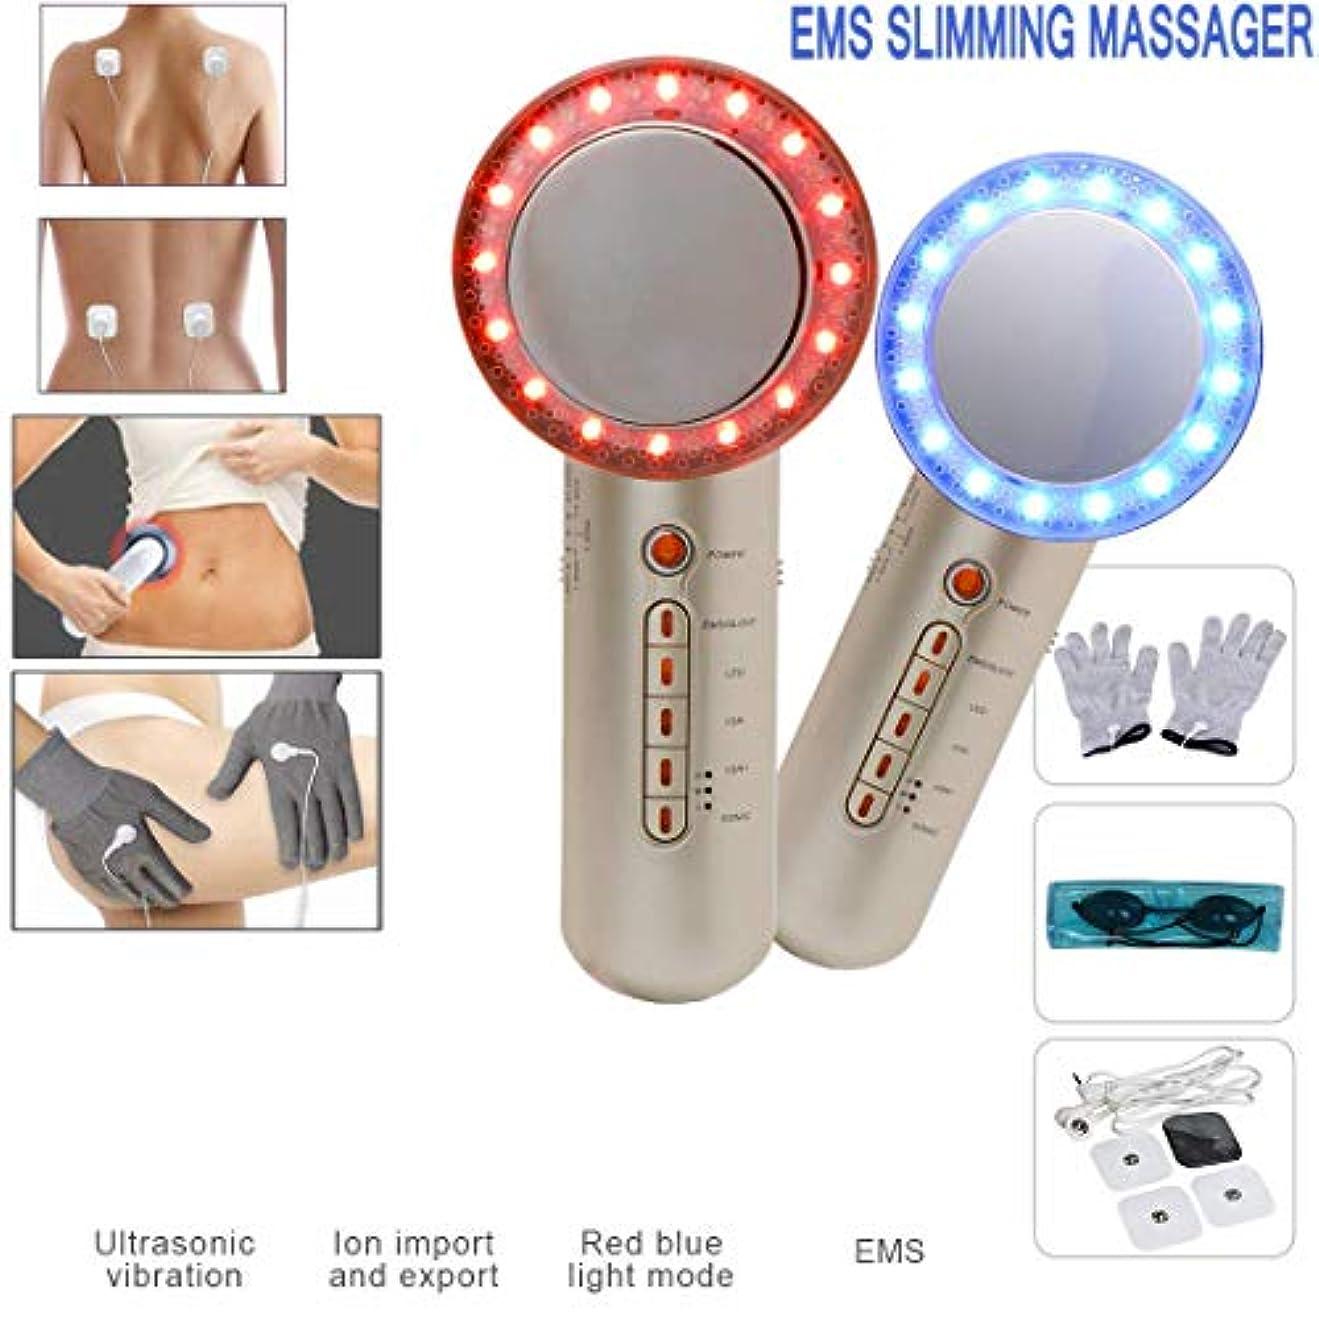 無駄苗コック体重1 6は、アーム胃脚スリミングデバイス用のレッドライト脂肪融解マッサージで肌引き締めマシンを削減します